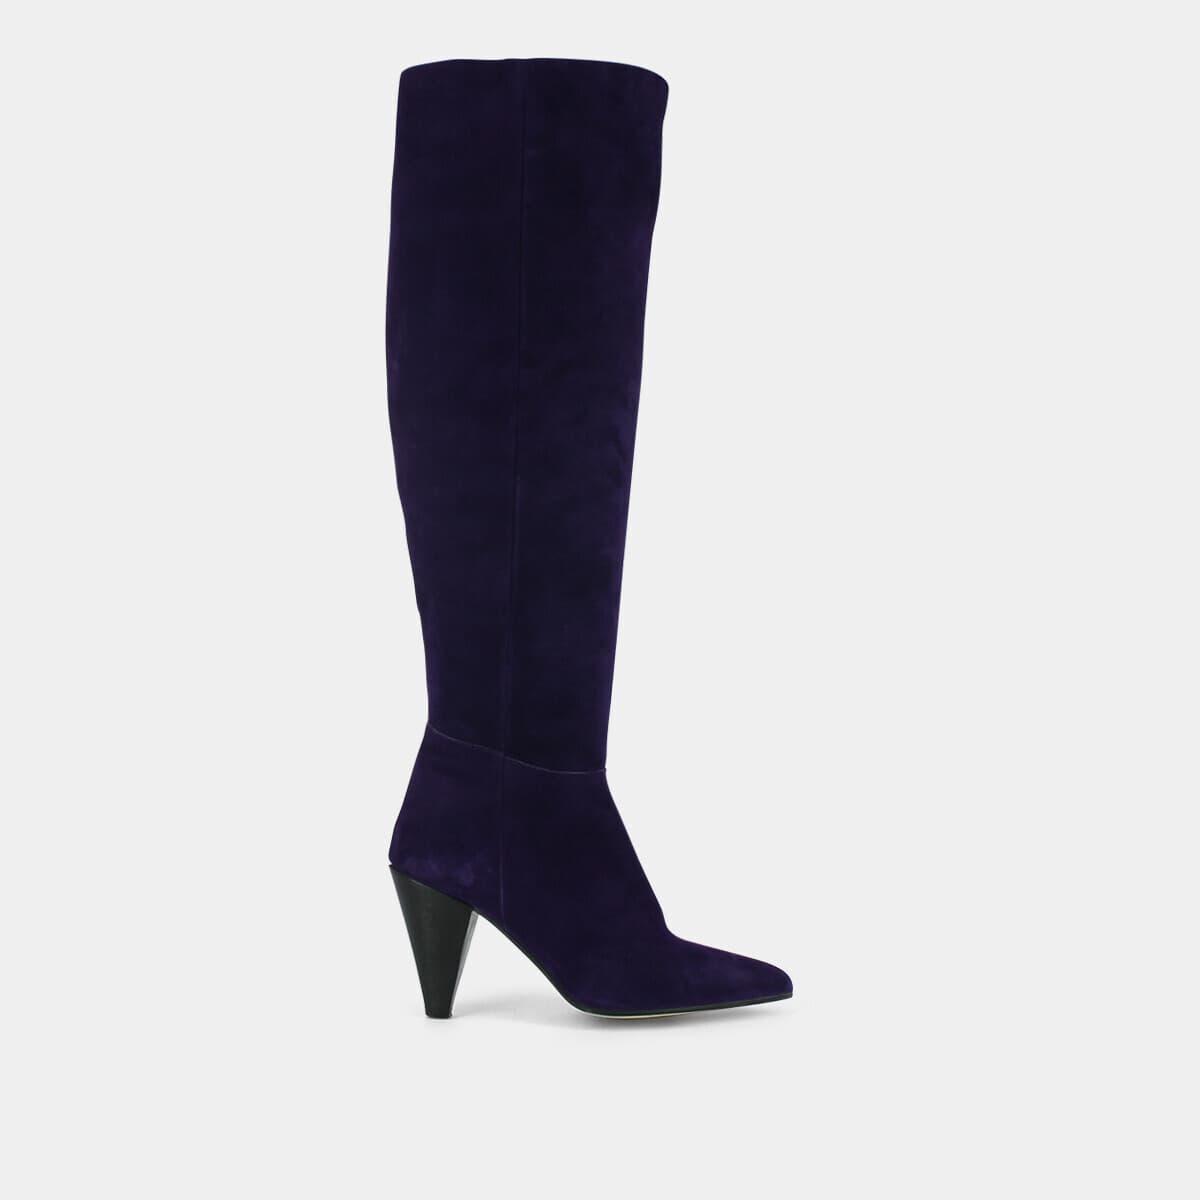 Soldes Chaussures Femme   Maroquinerie   Boutique Officielle Jonak e06d3133ca58